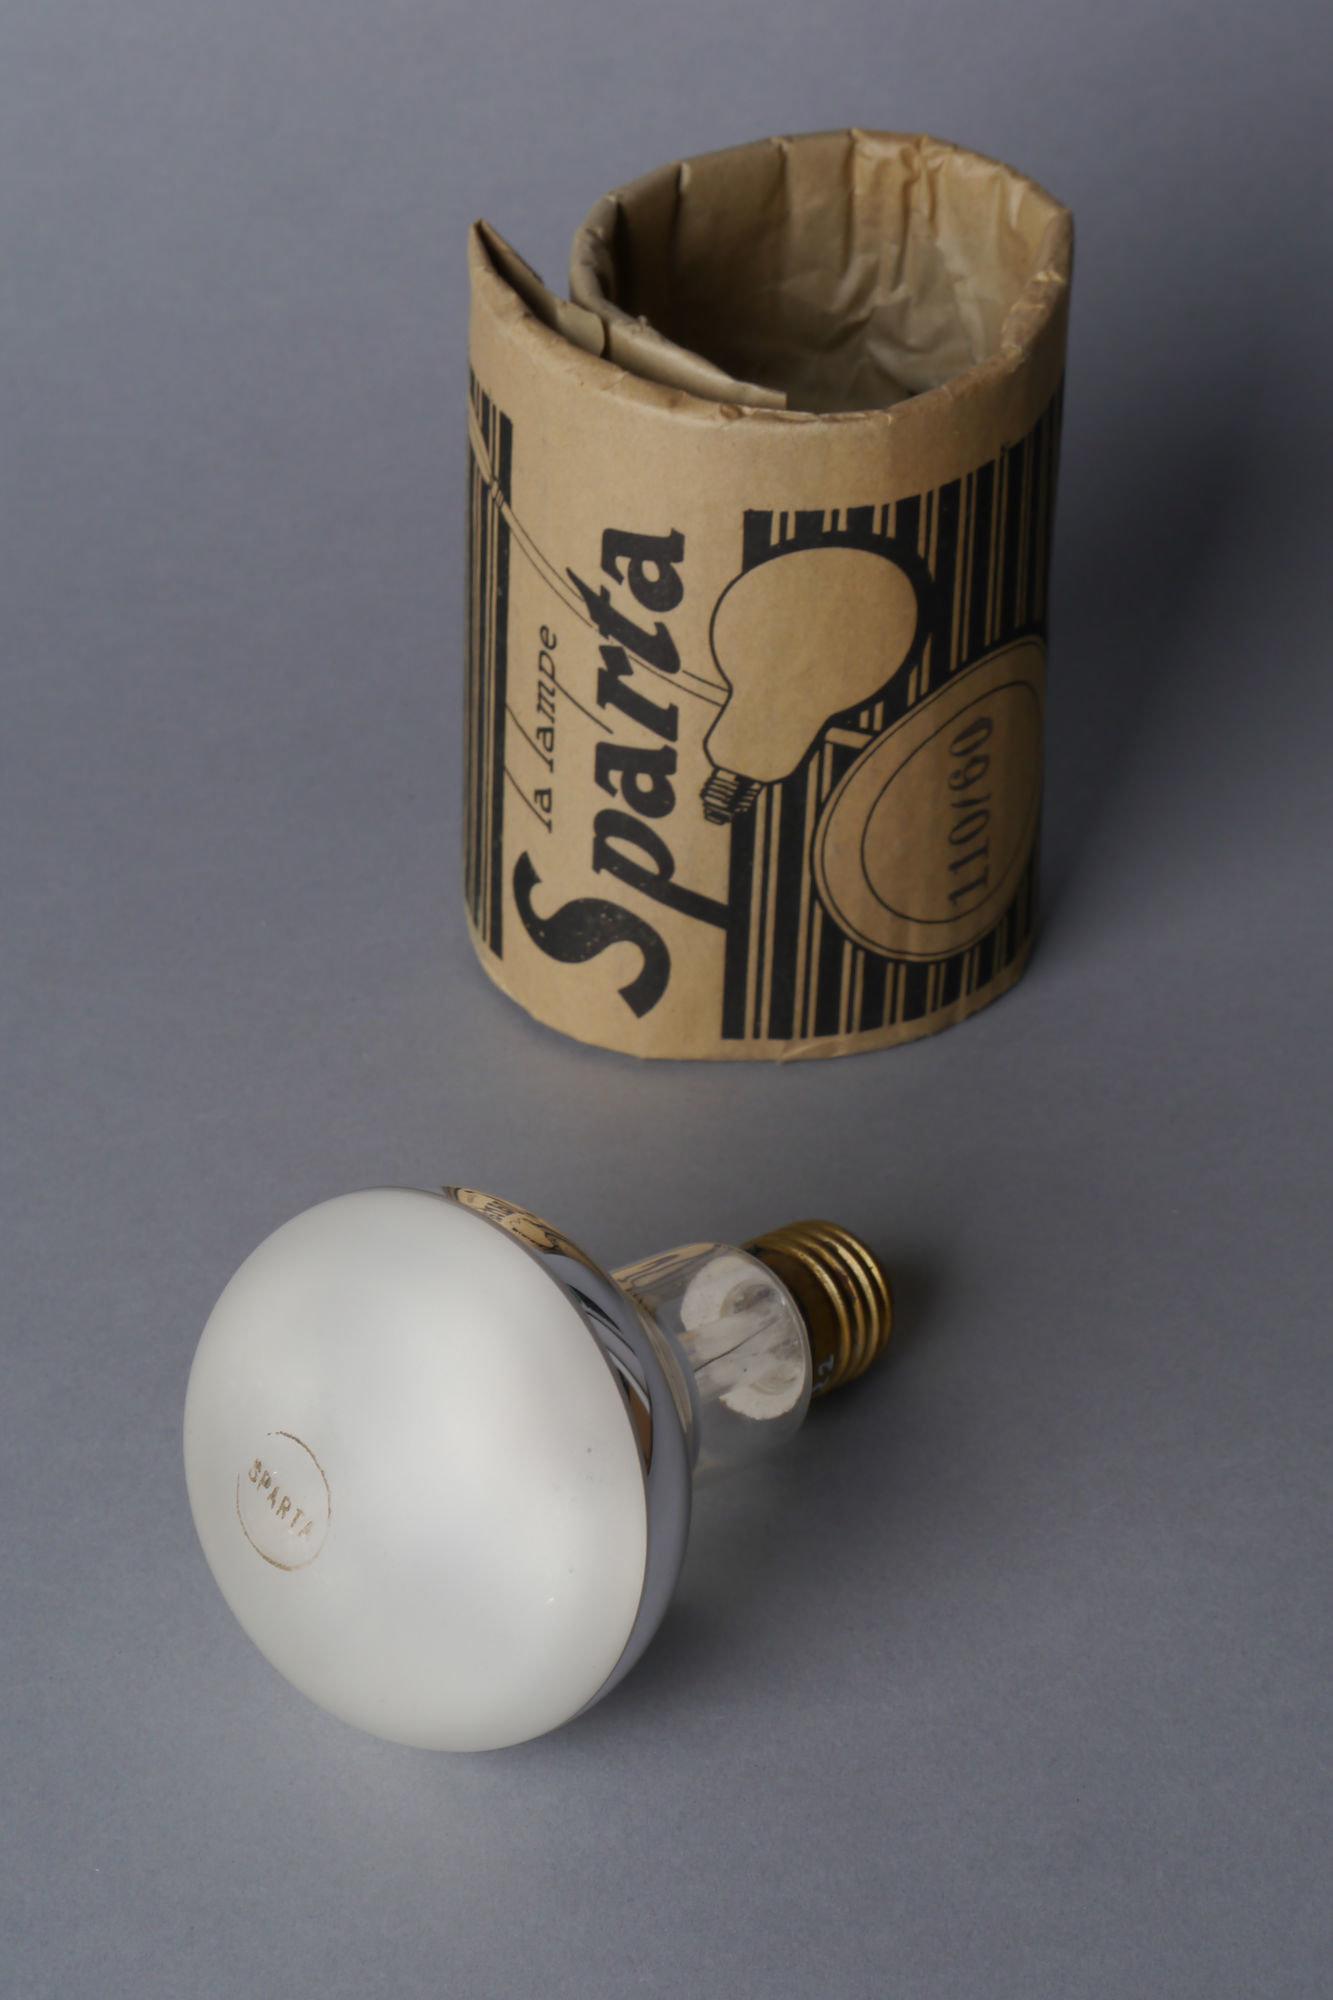 Gloeilamp van het merk Sparta